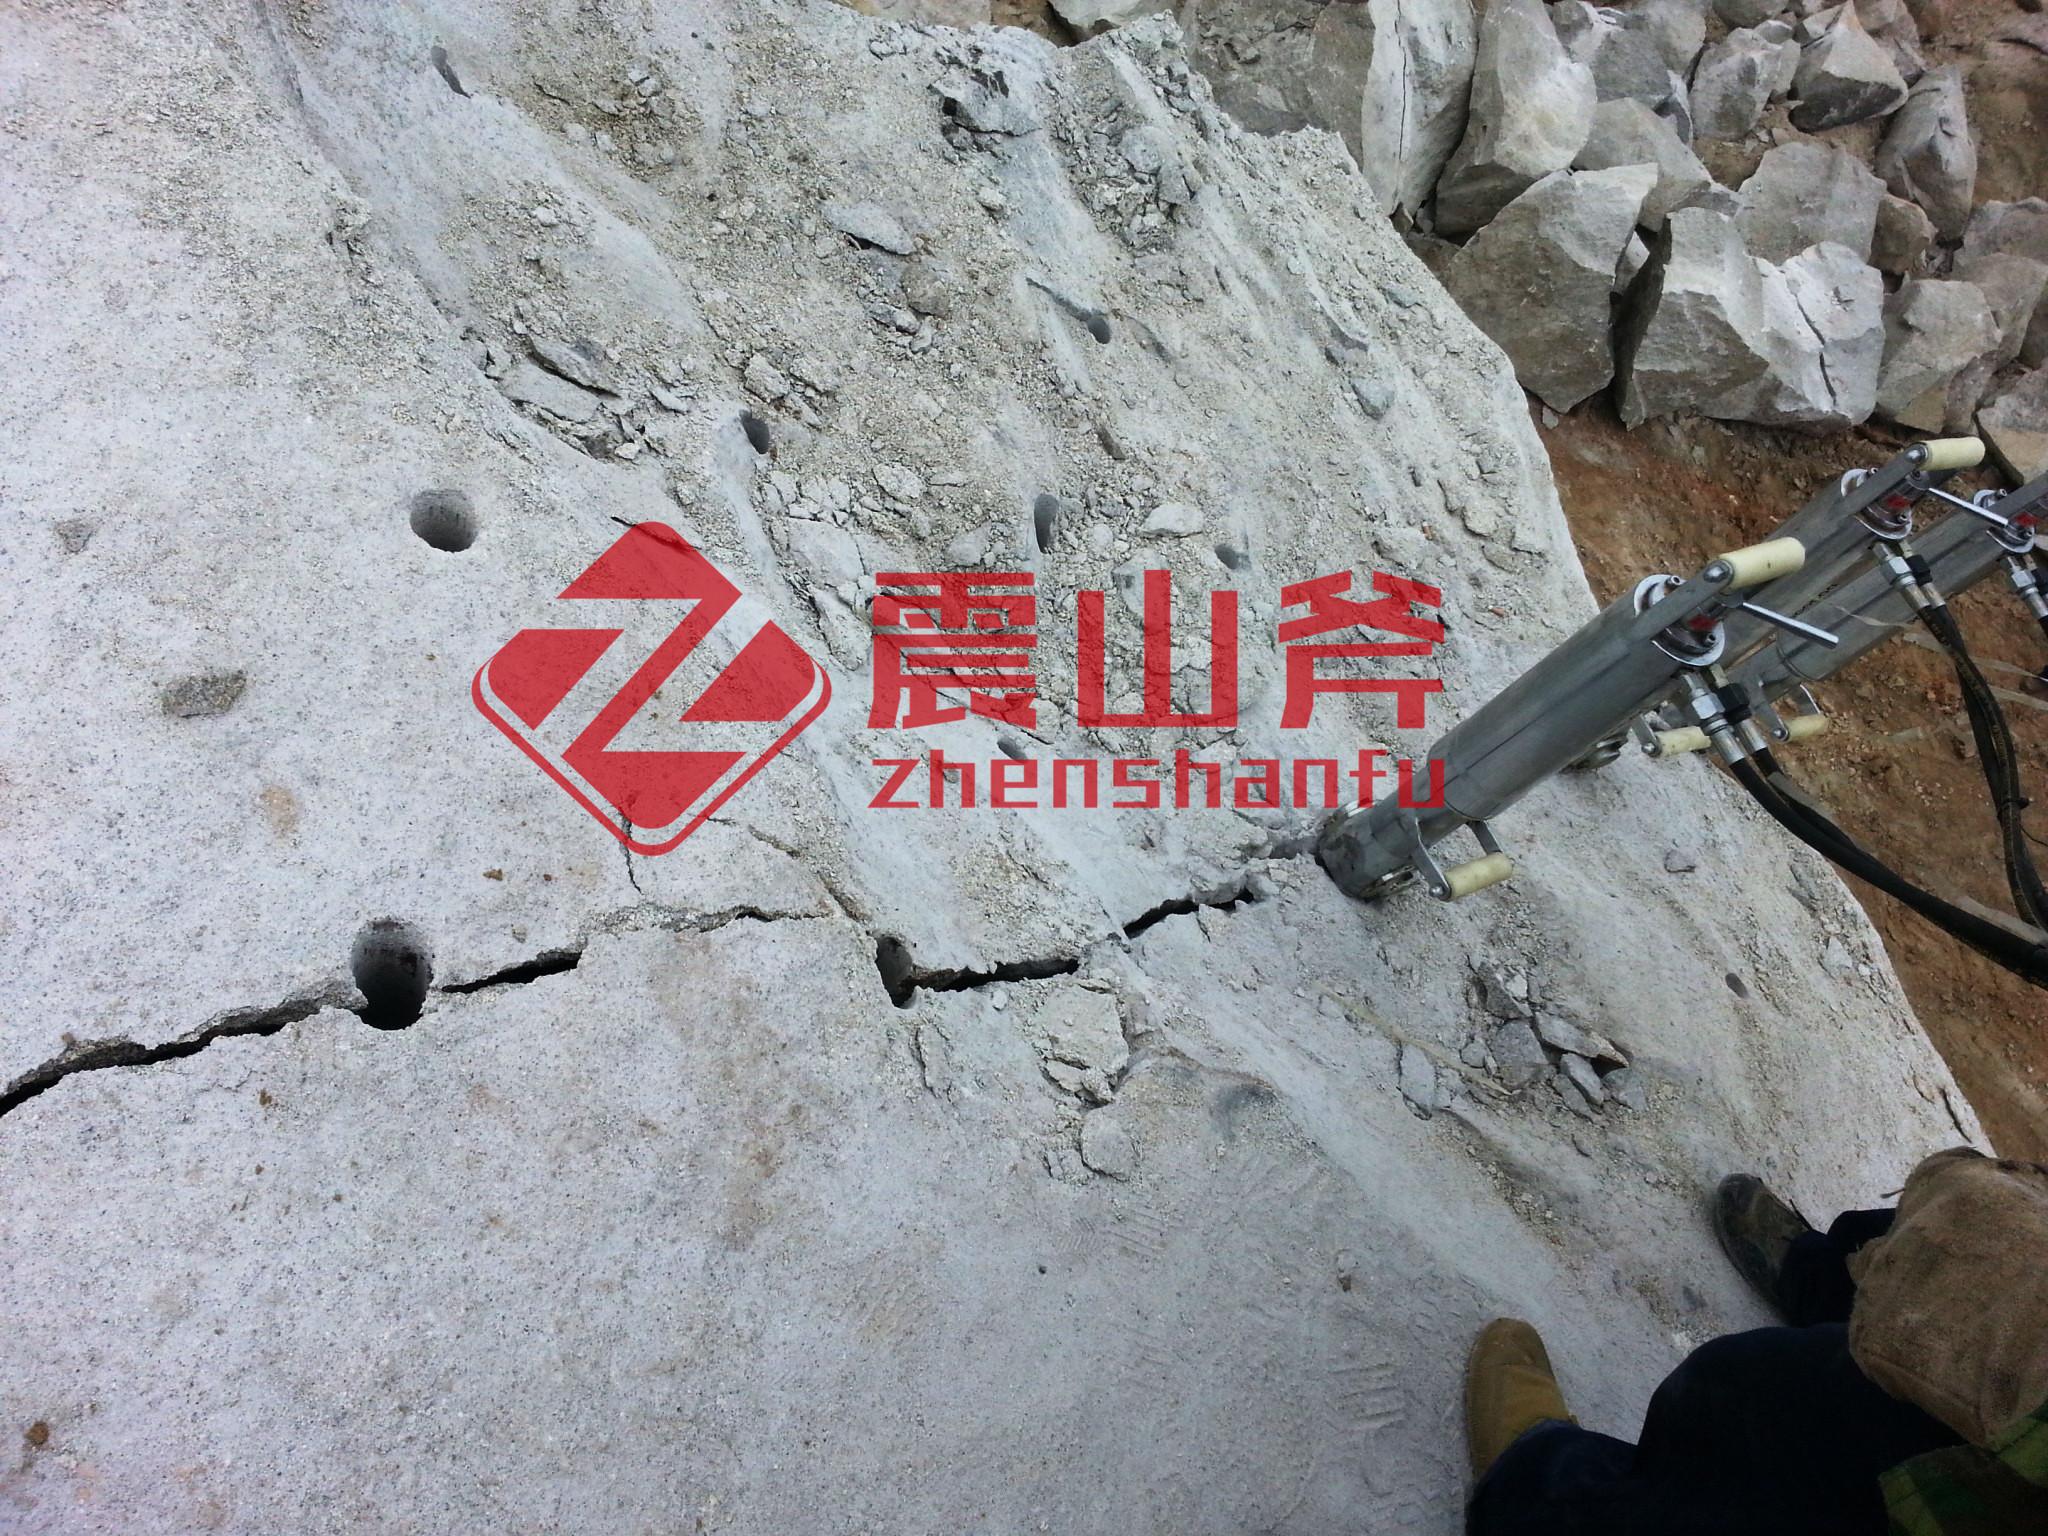 三明顶管开挖岩石劈裂机江西震山斧